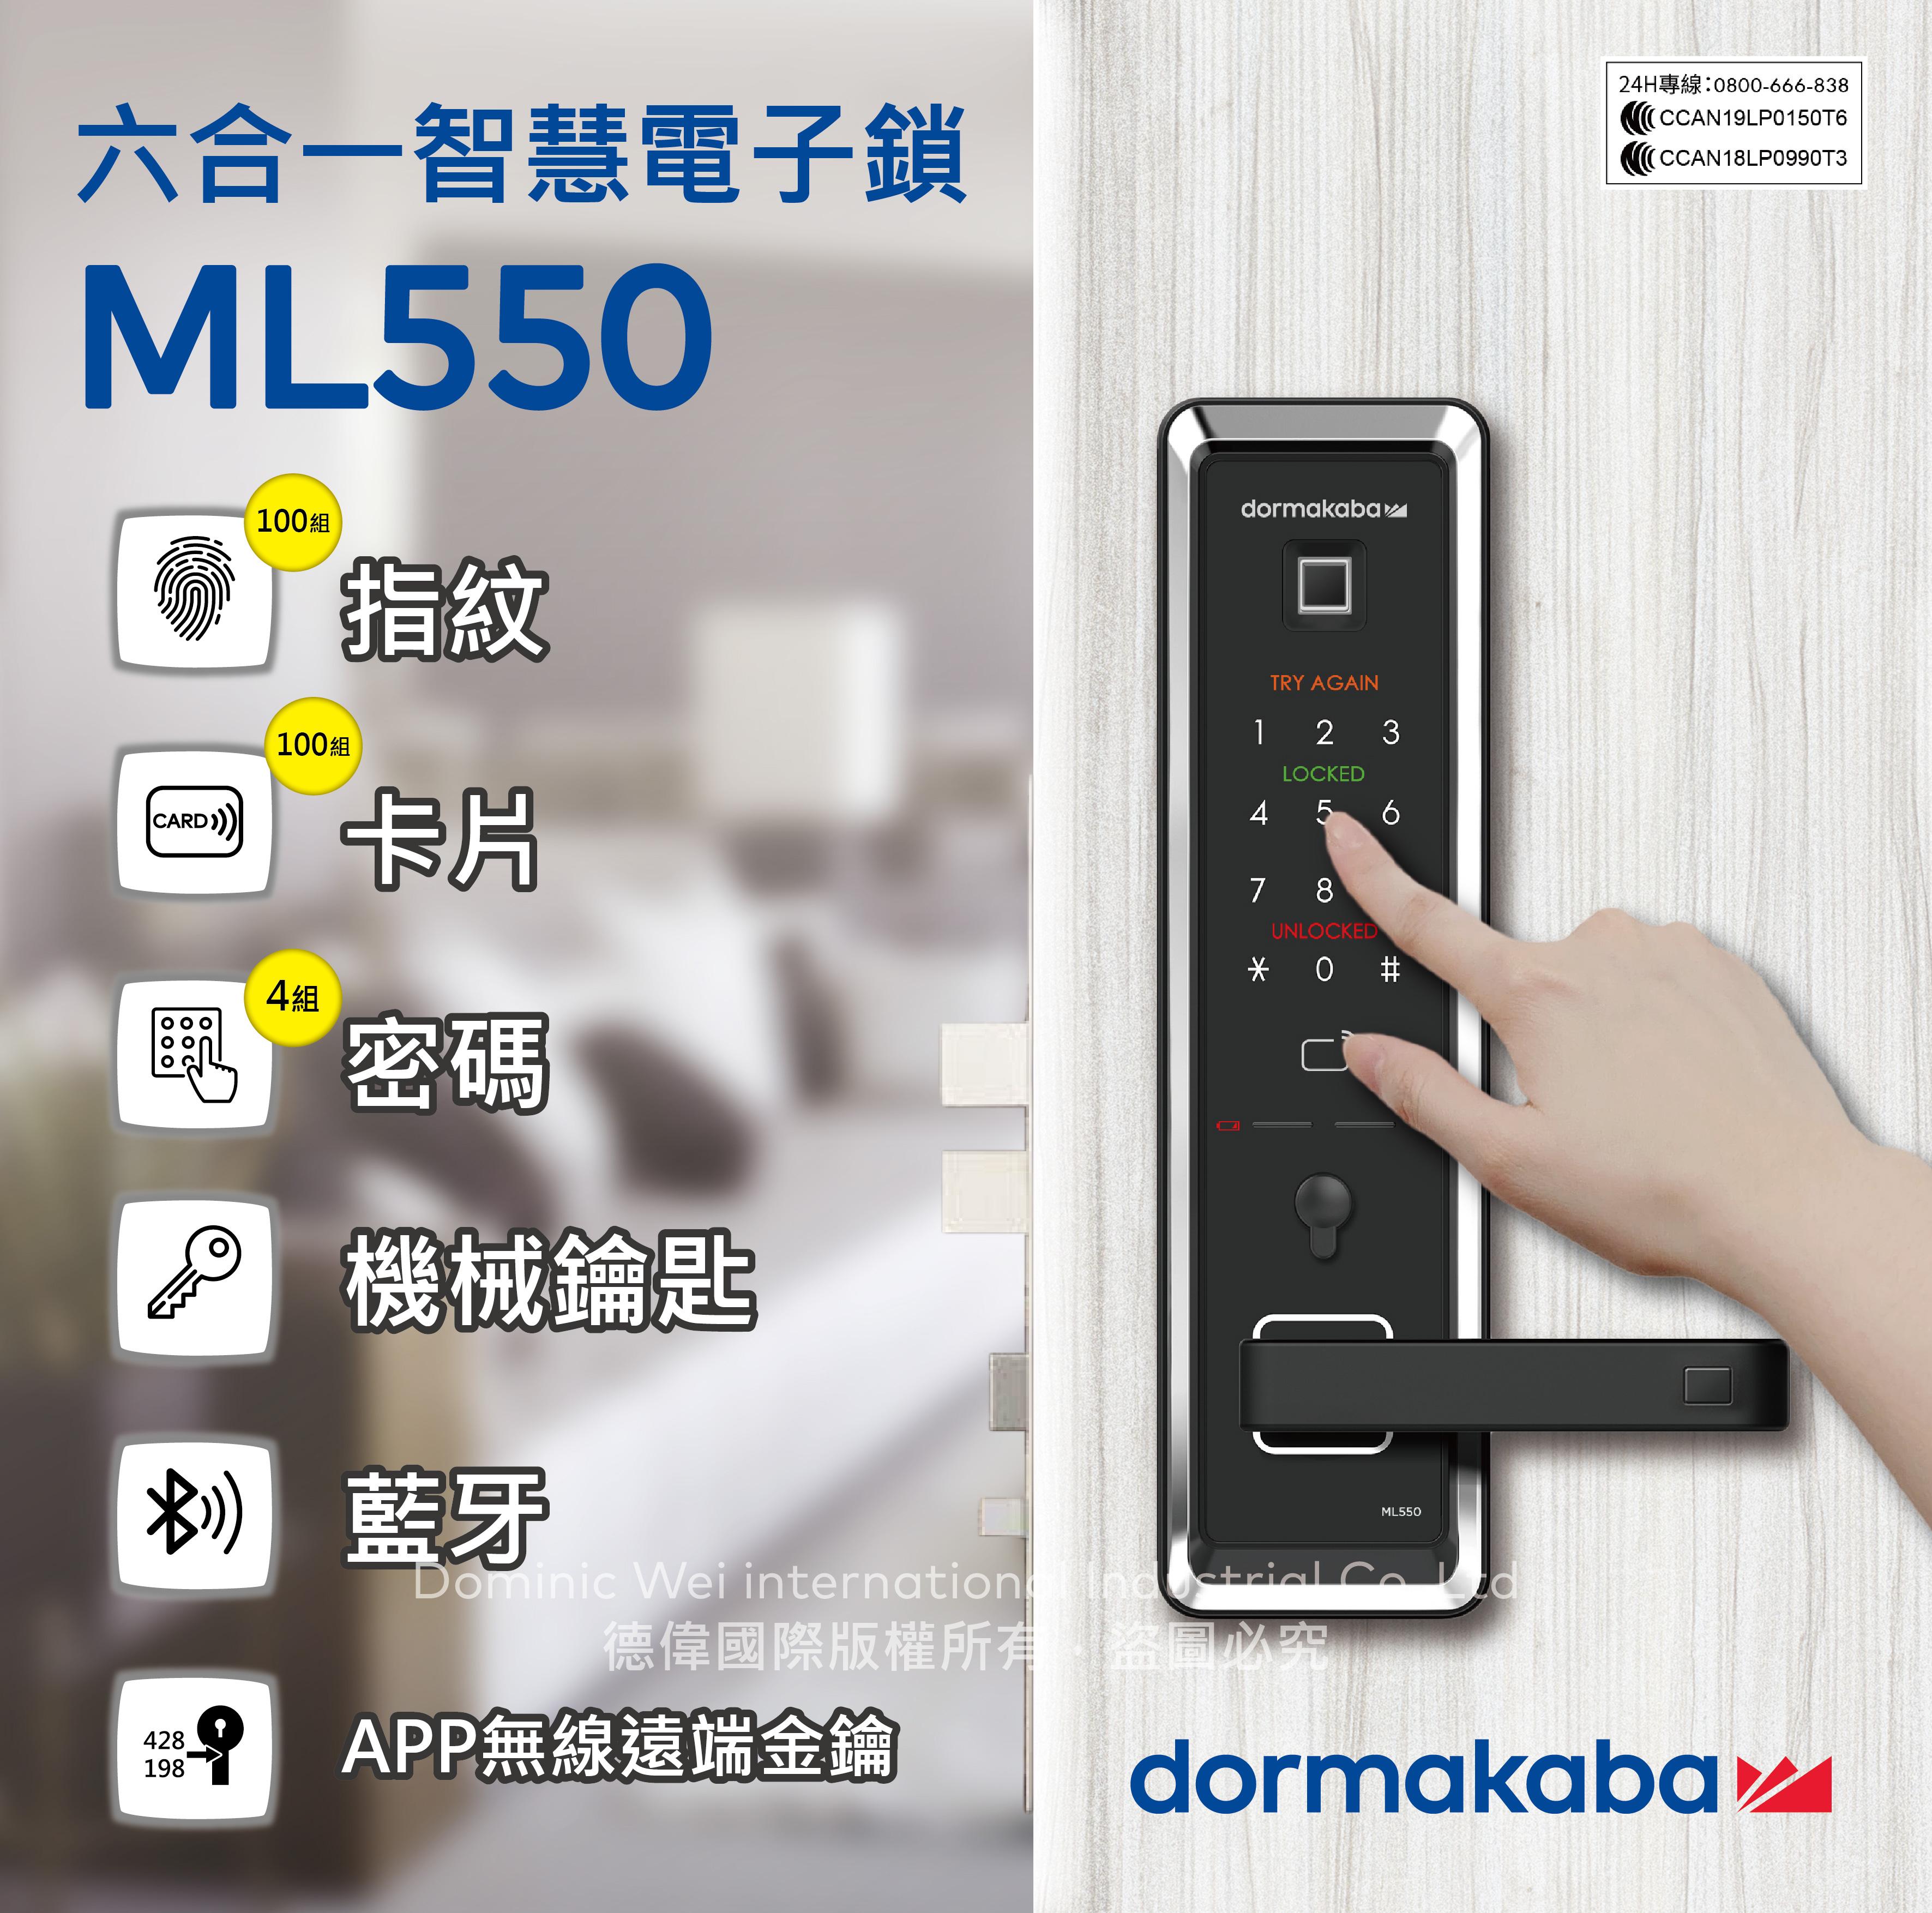 ML550 bunner 簡約版1-01.jpg